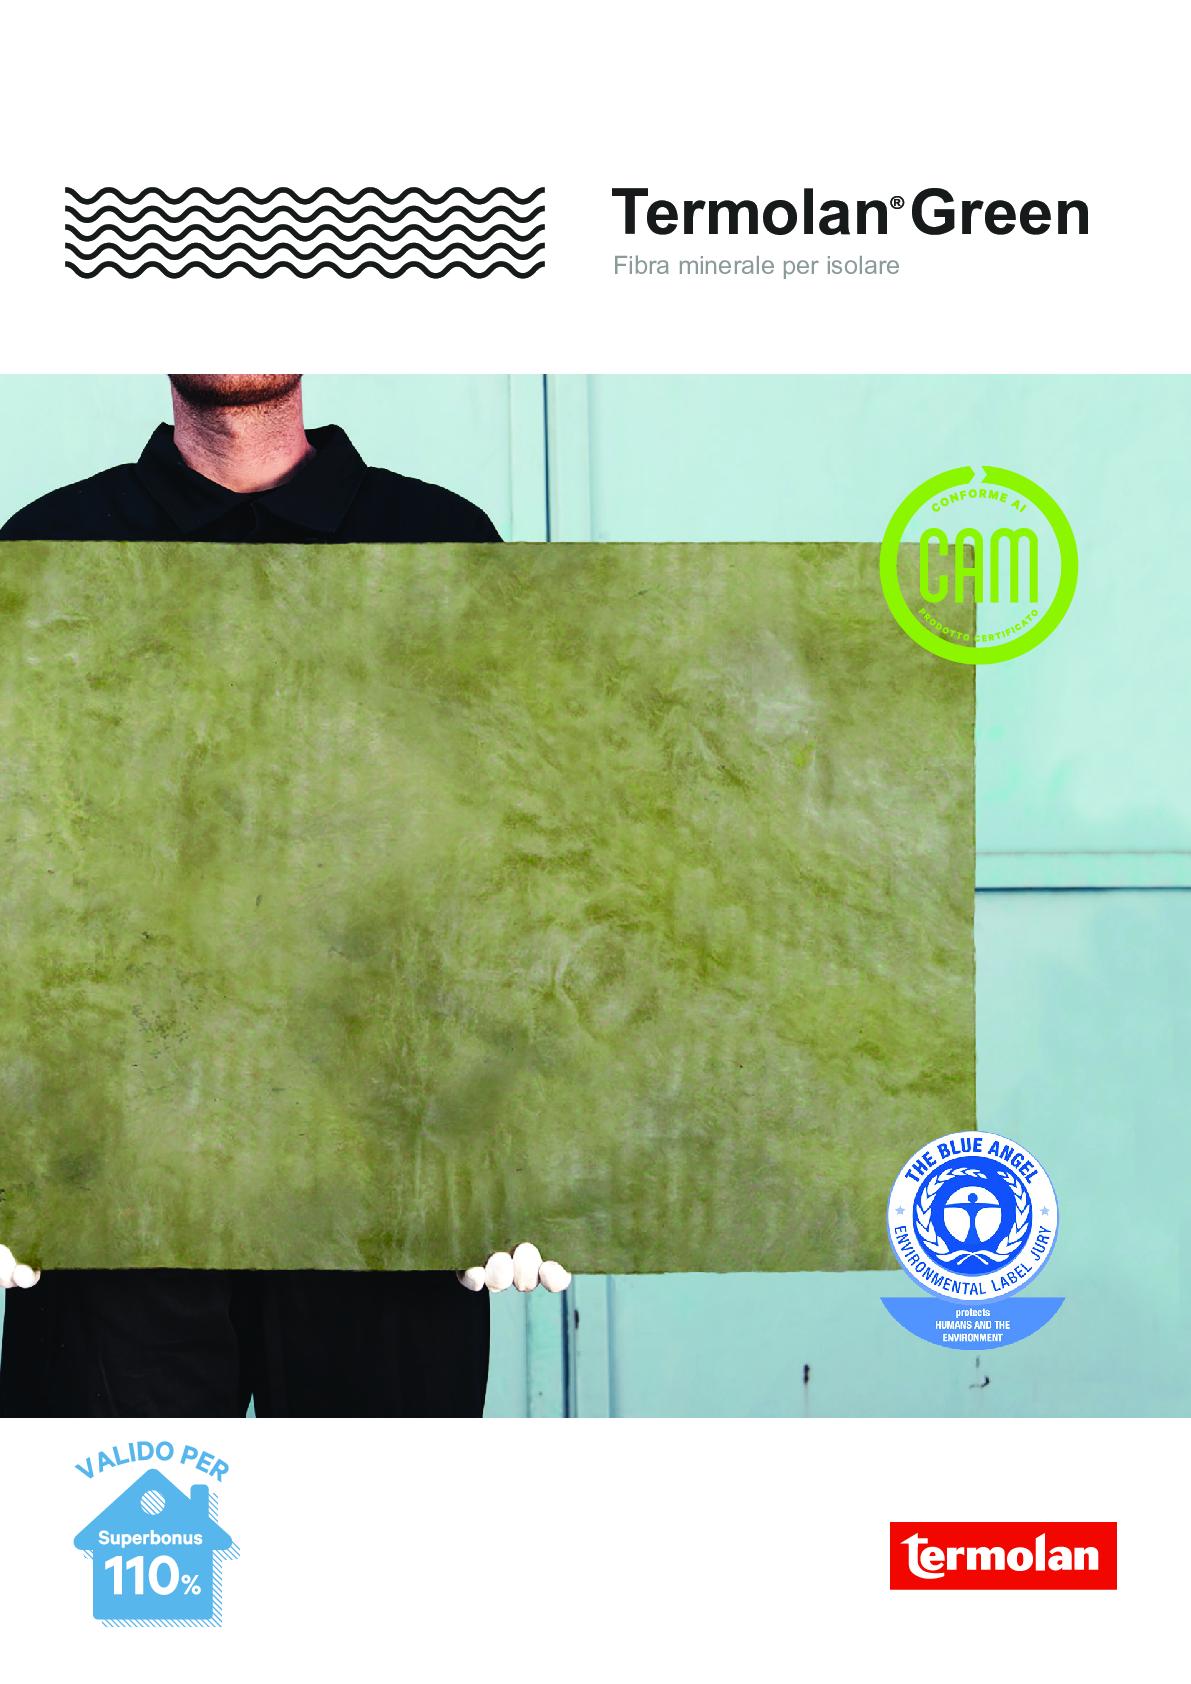 Termolan Green brochure